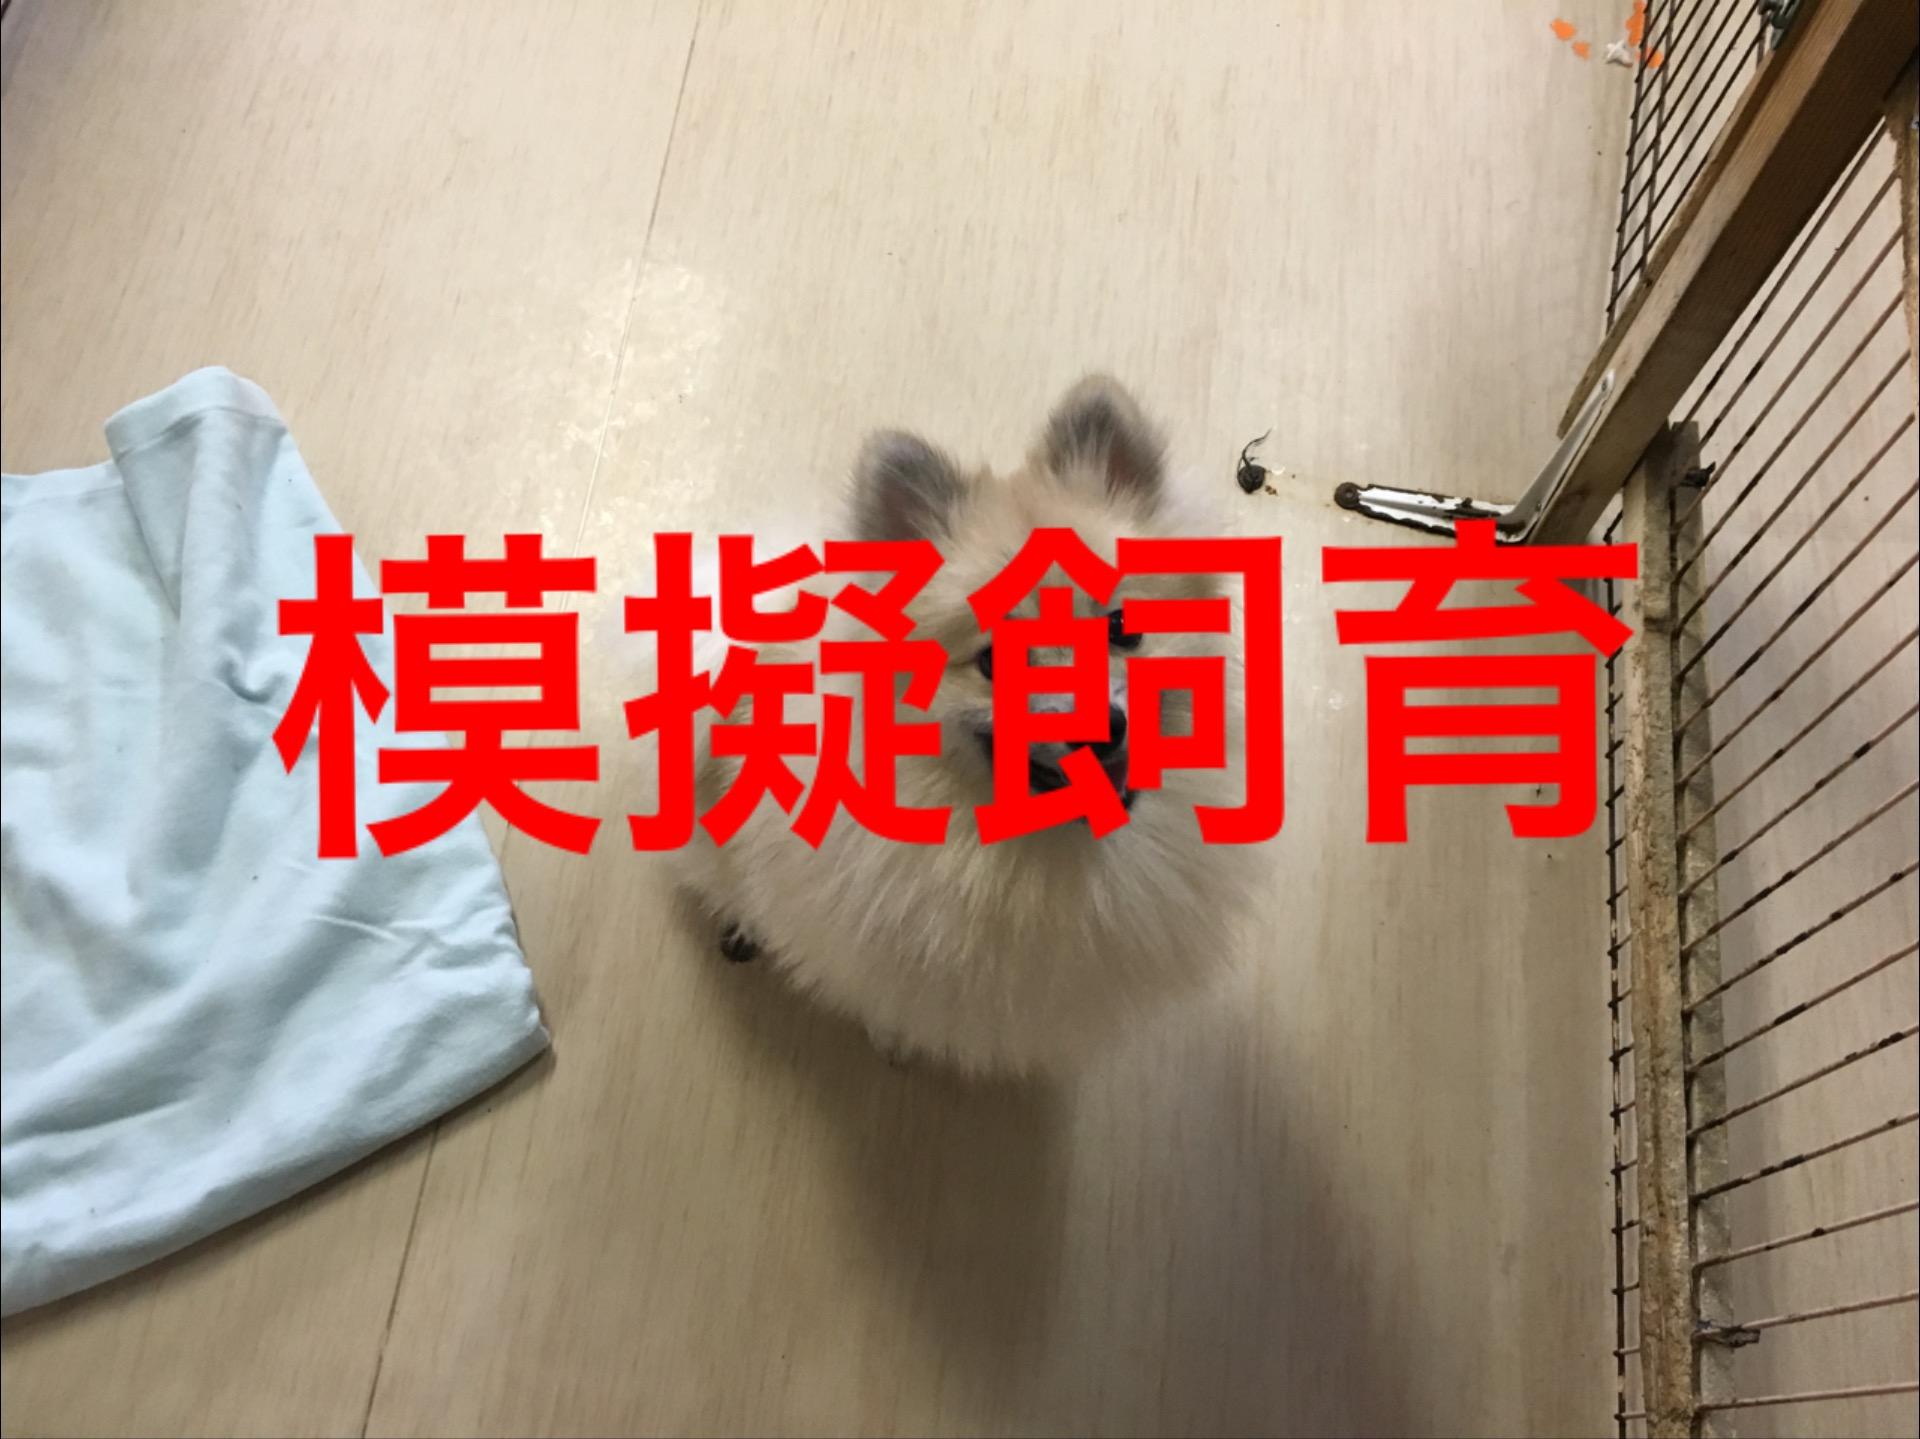 <p>&nbsp;</p> <ul> <li>犬種:ポメラニアン</li> <li>性別:男の子</li> <li>名前:ポポ</li> <li>年齢:H29.11月28日</li> <li>保護経緯:飼い主様が亡くなられたため飼育困難のなりました</li> </ul>